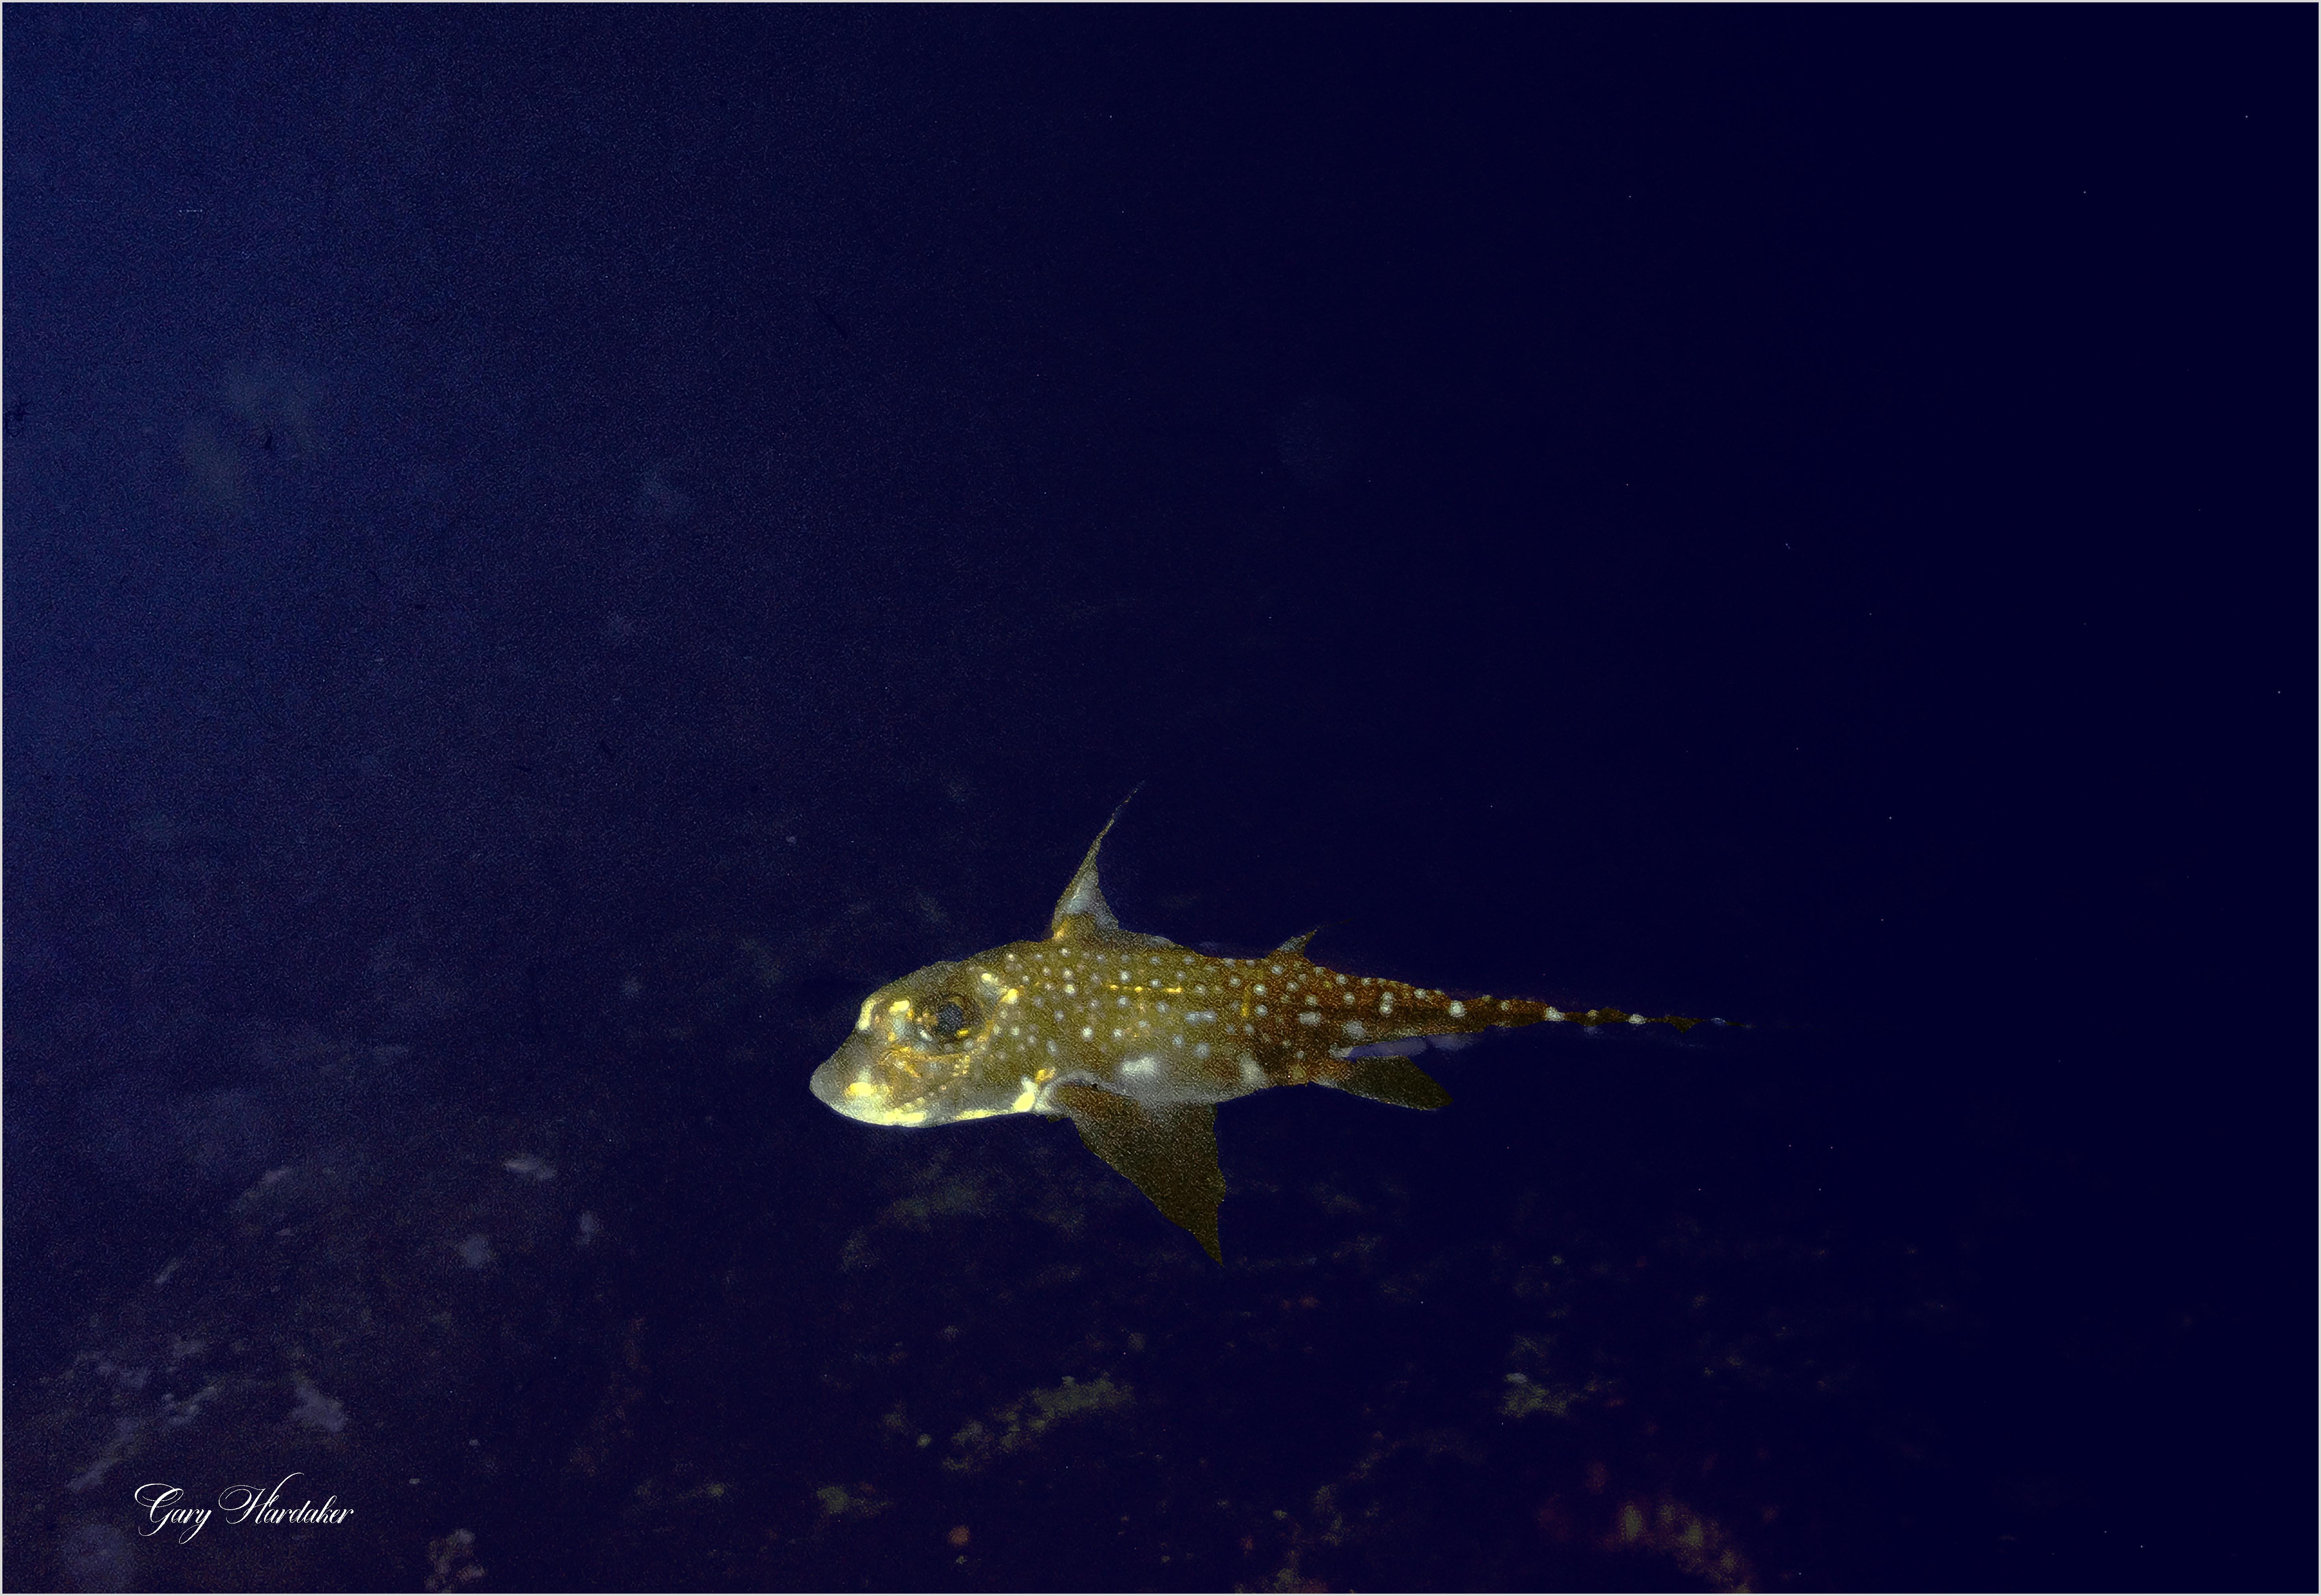 Ratfish- Gary Hardaker